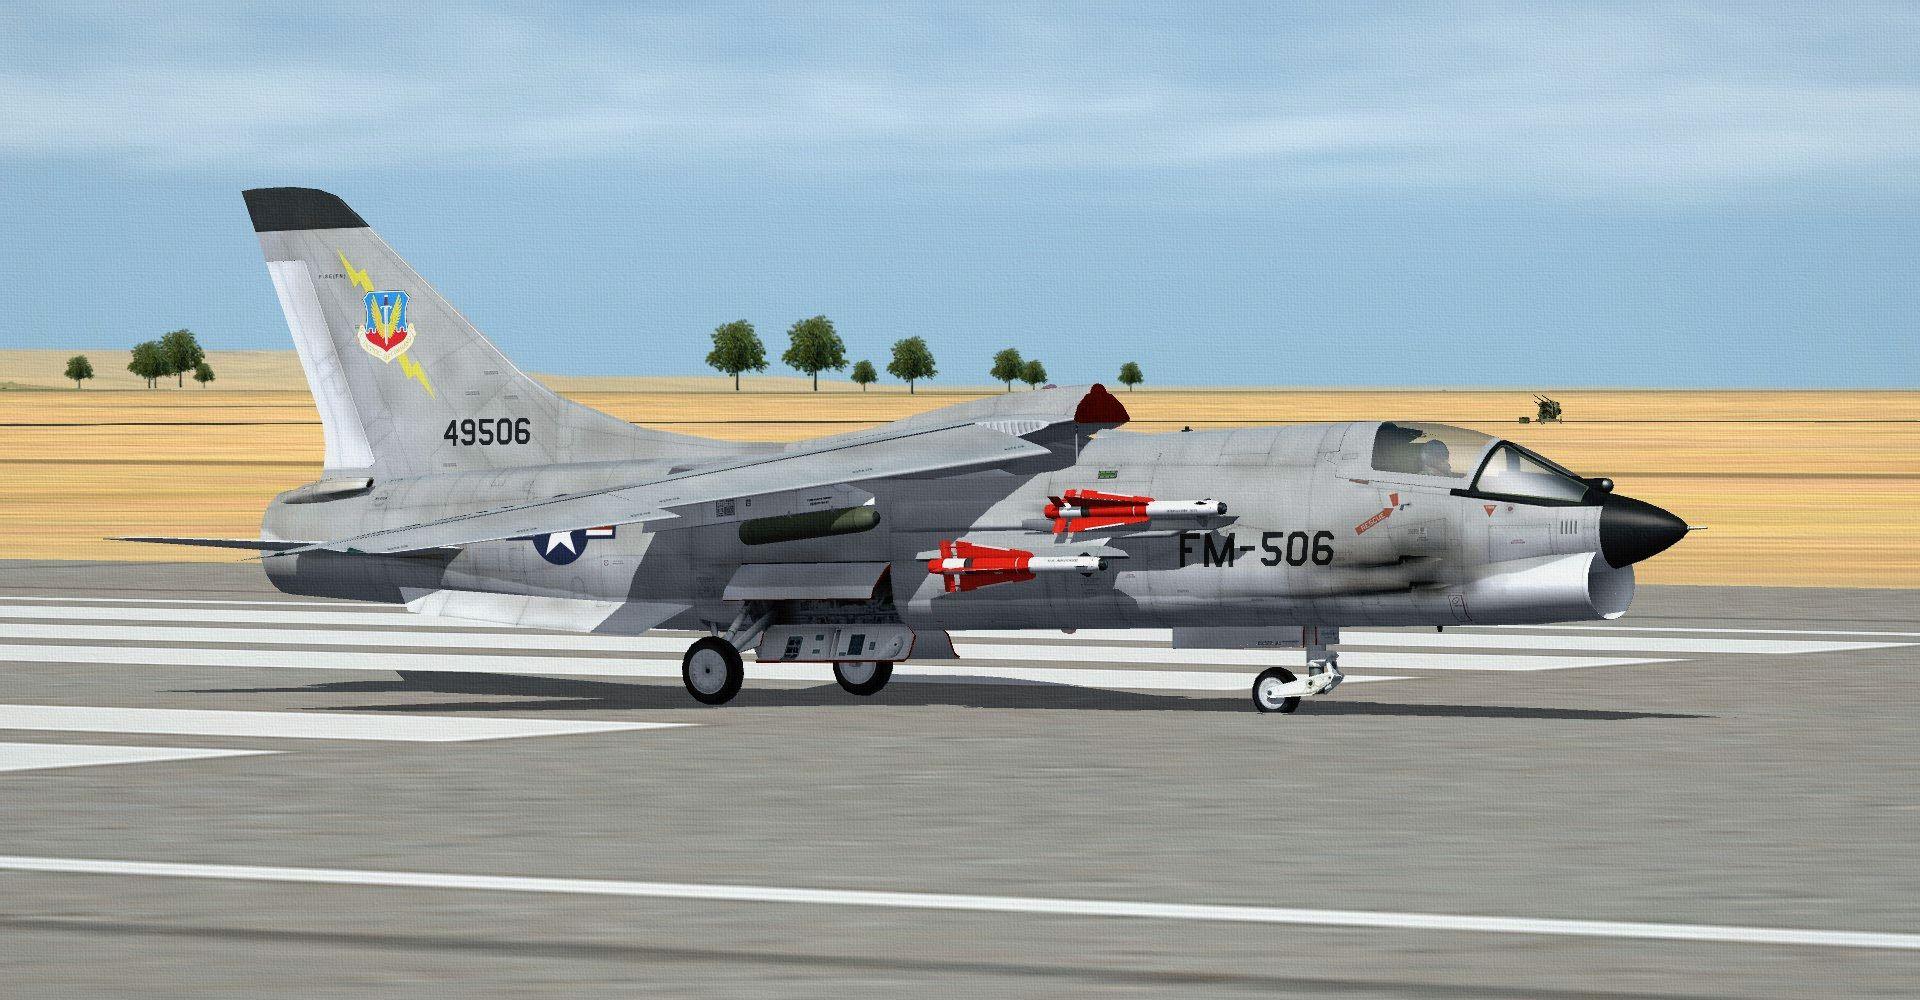 USAFF-8FCRUSADER01_zps32072c07.jpg